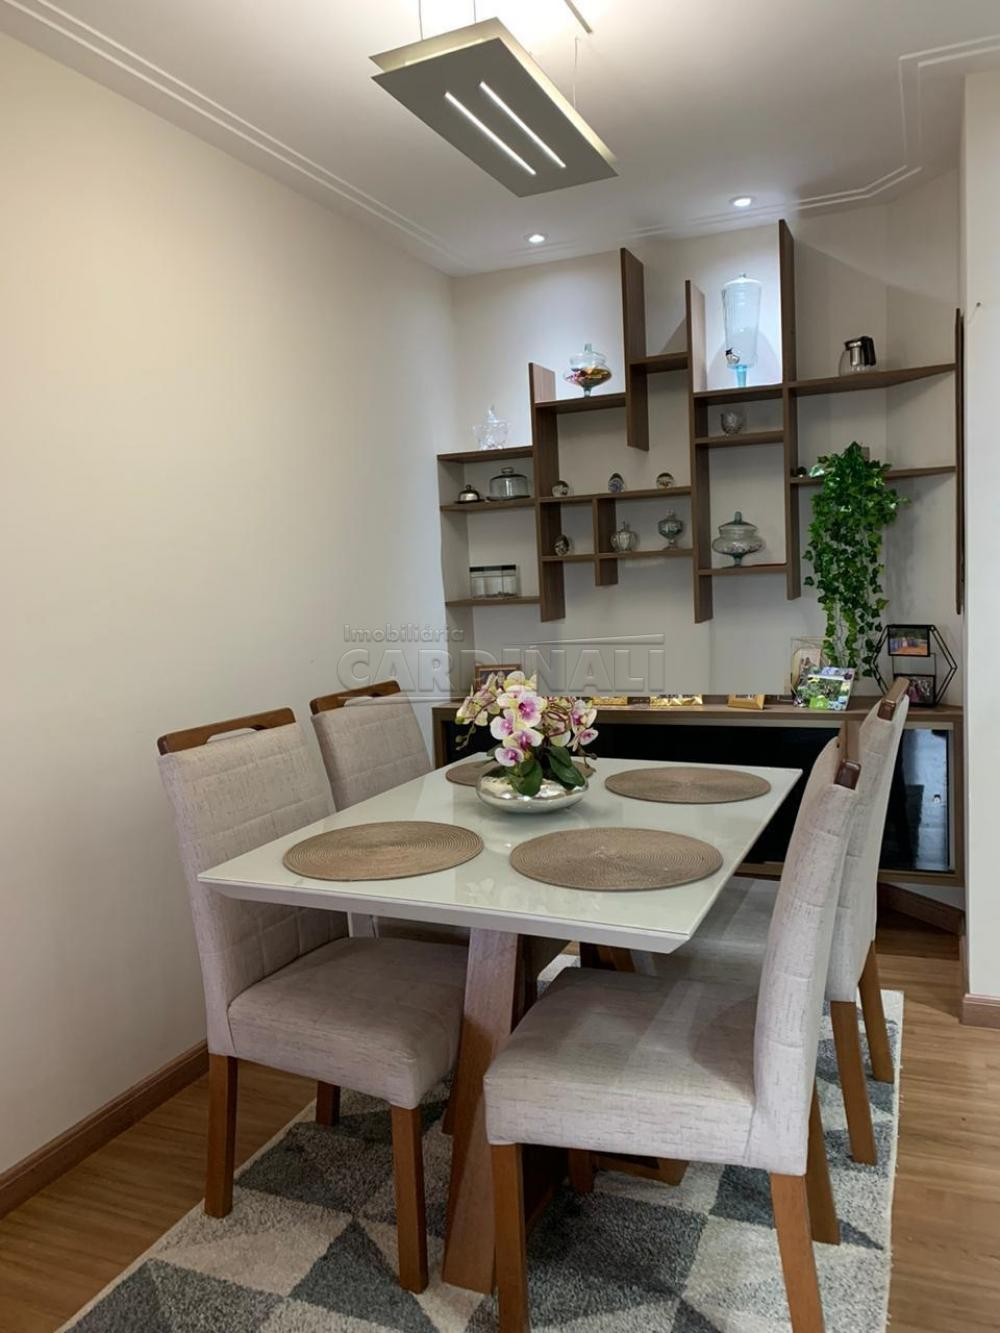 Comprar Apartamento / Padrão em São Carlos apenas R$ 455.000,00 - Foto 5